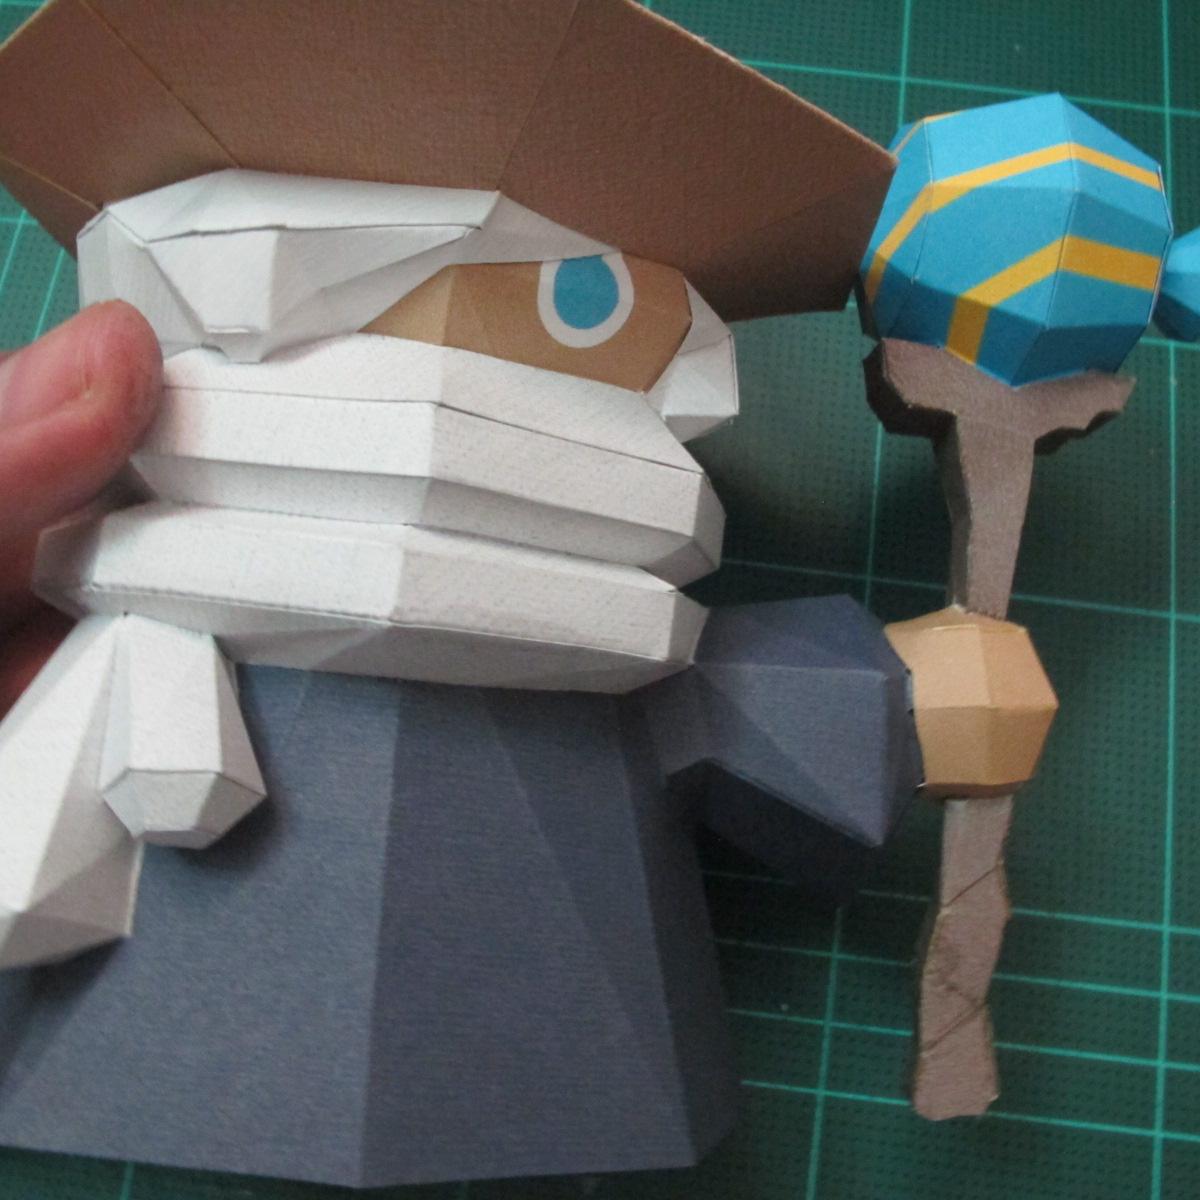 วิธีทำโมเดลกระดาษของเล่นคุกกี้รัน คุกกี้รสพ่อมด (Cookie Run Wizard Cookie Papercraft Model) 052